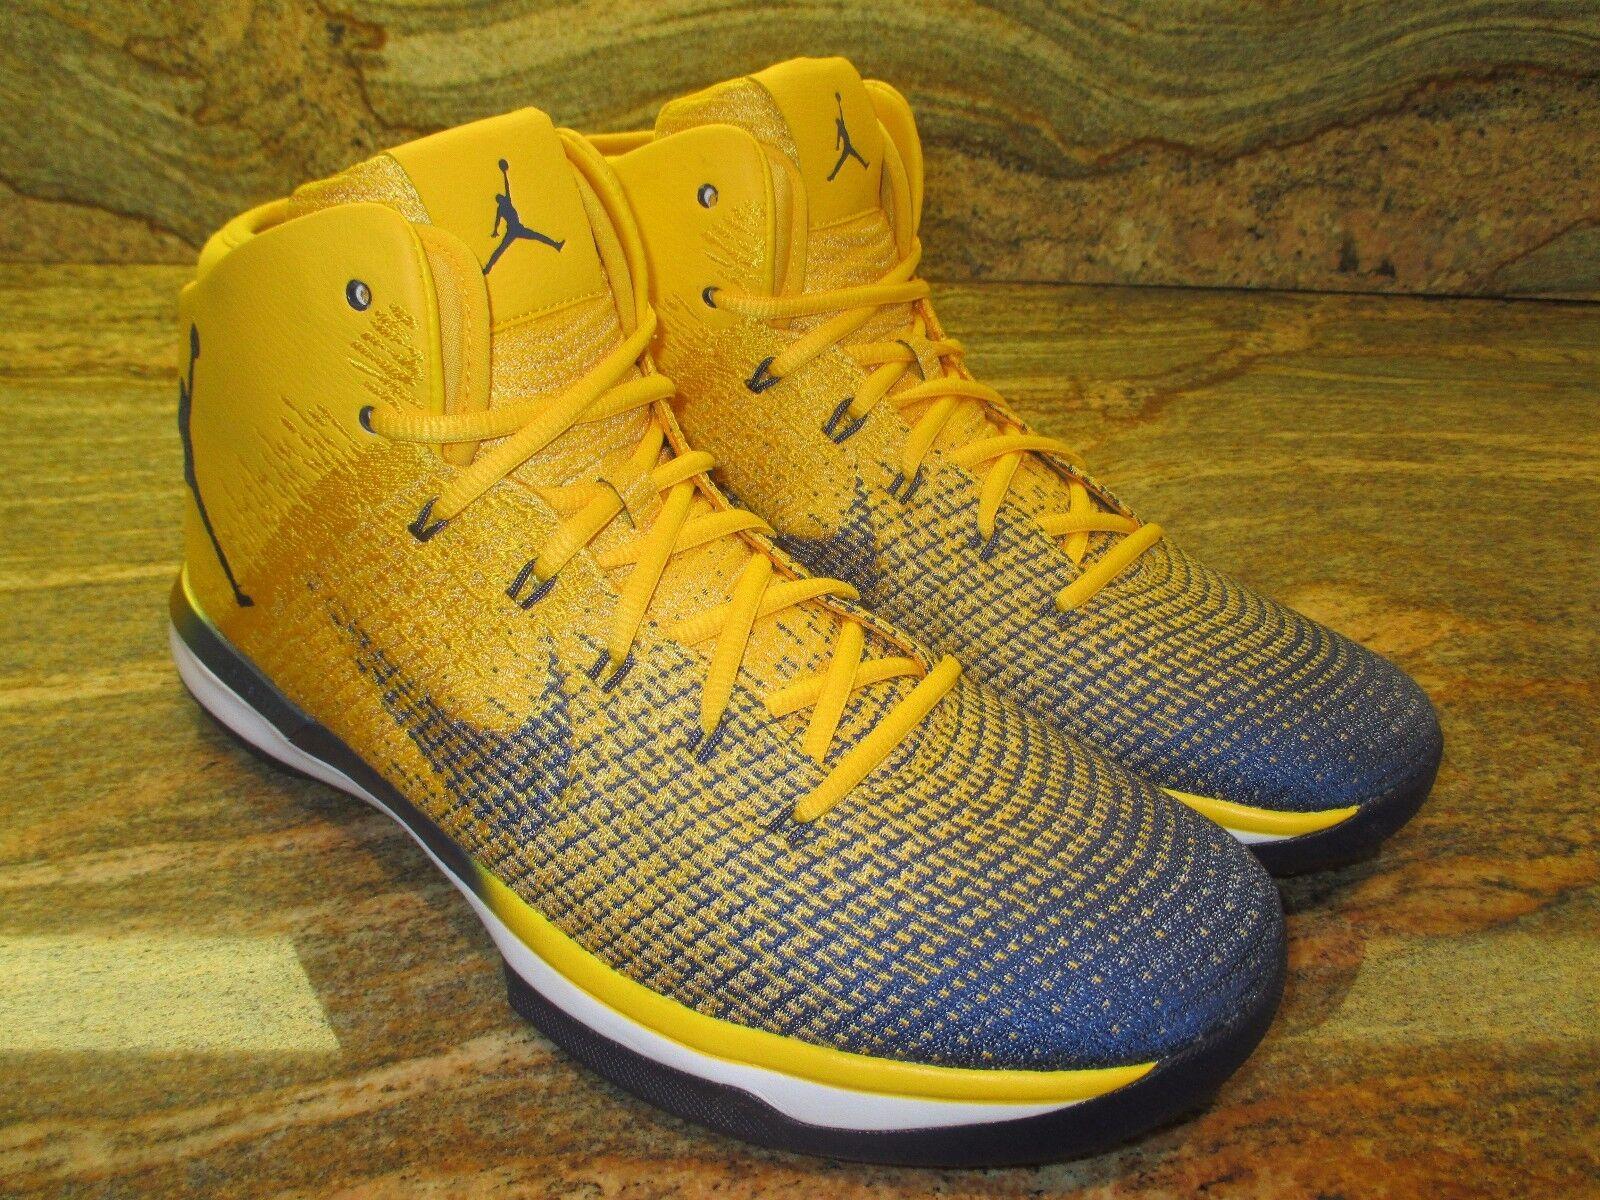 Unreleased Nike Air Jordan XXX1 Promo Sample SZ 14 Cal Golden Bears PE Berkeley